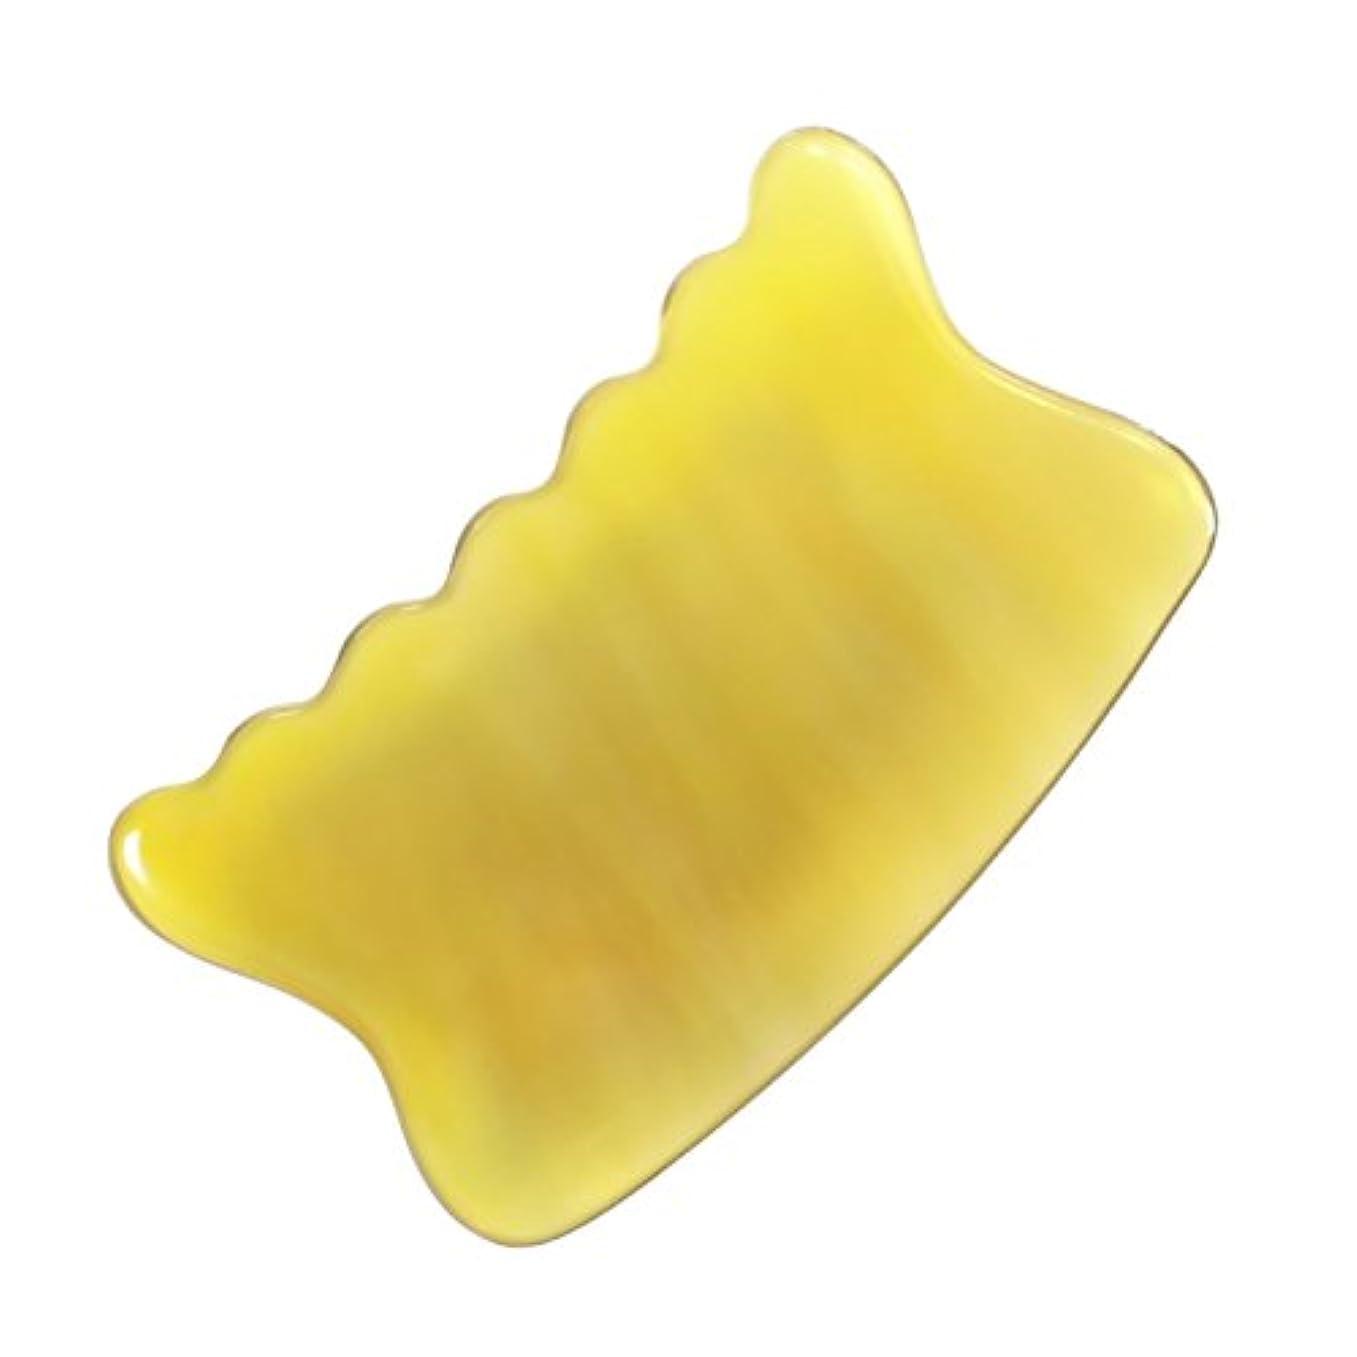 他の日高層ビル慈悲深いかっさ プレート 希少68 黄水牛角 極美品 曲波型